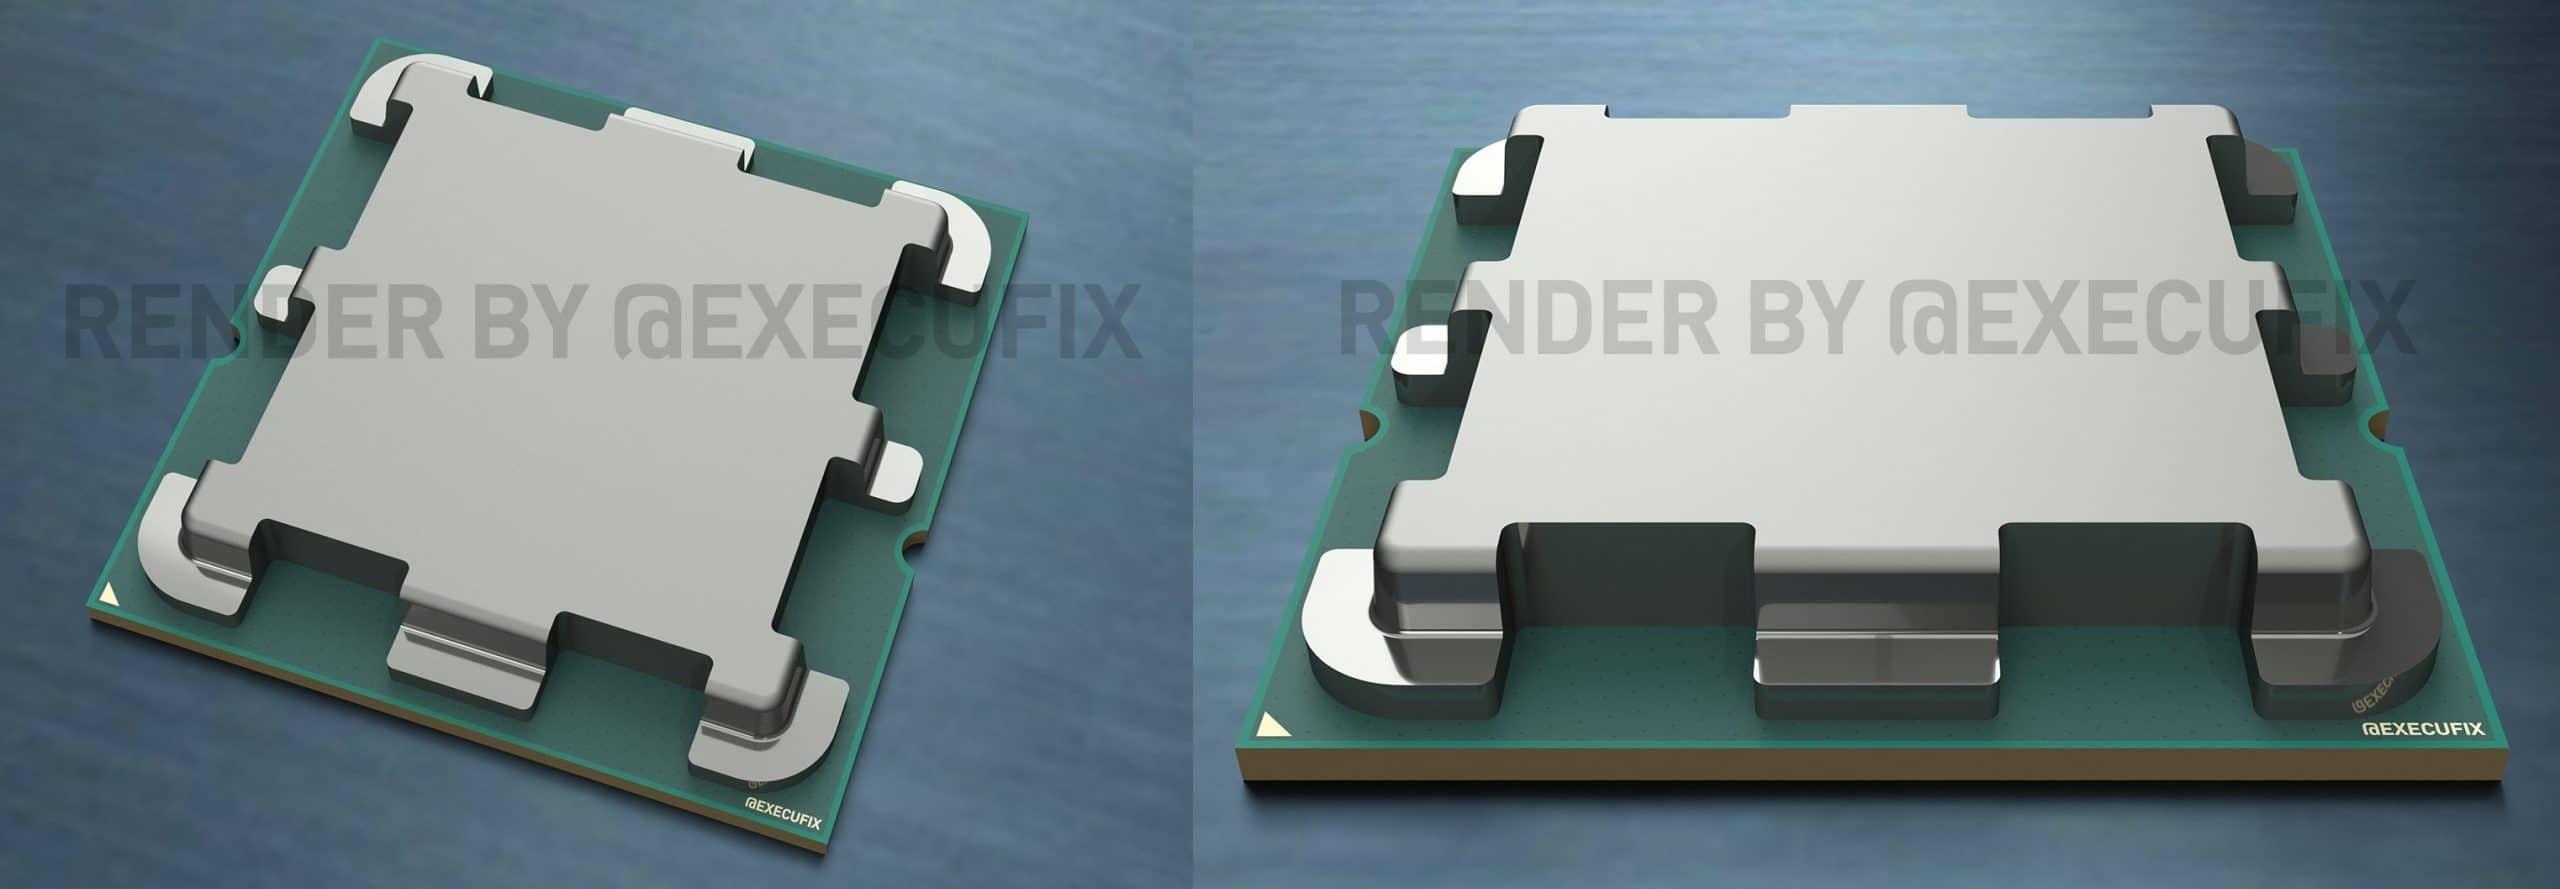 Así luce el encapsulado (IHS) de los AMD Ryzen 7000 (AM5 con Zen4)